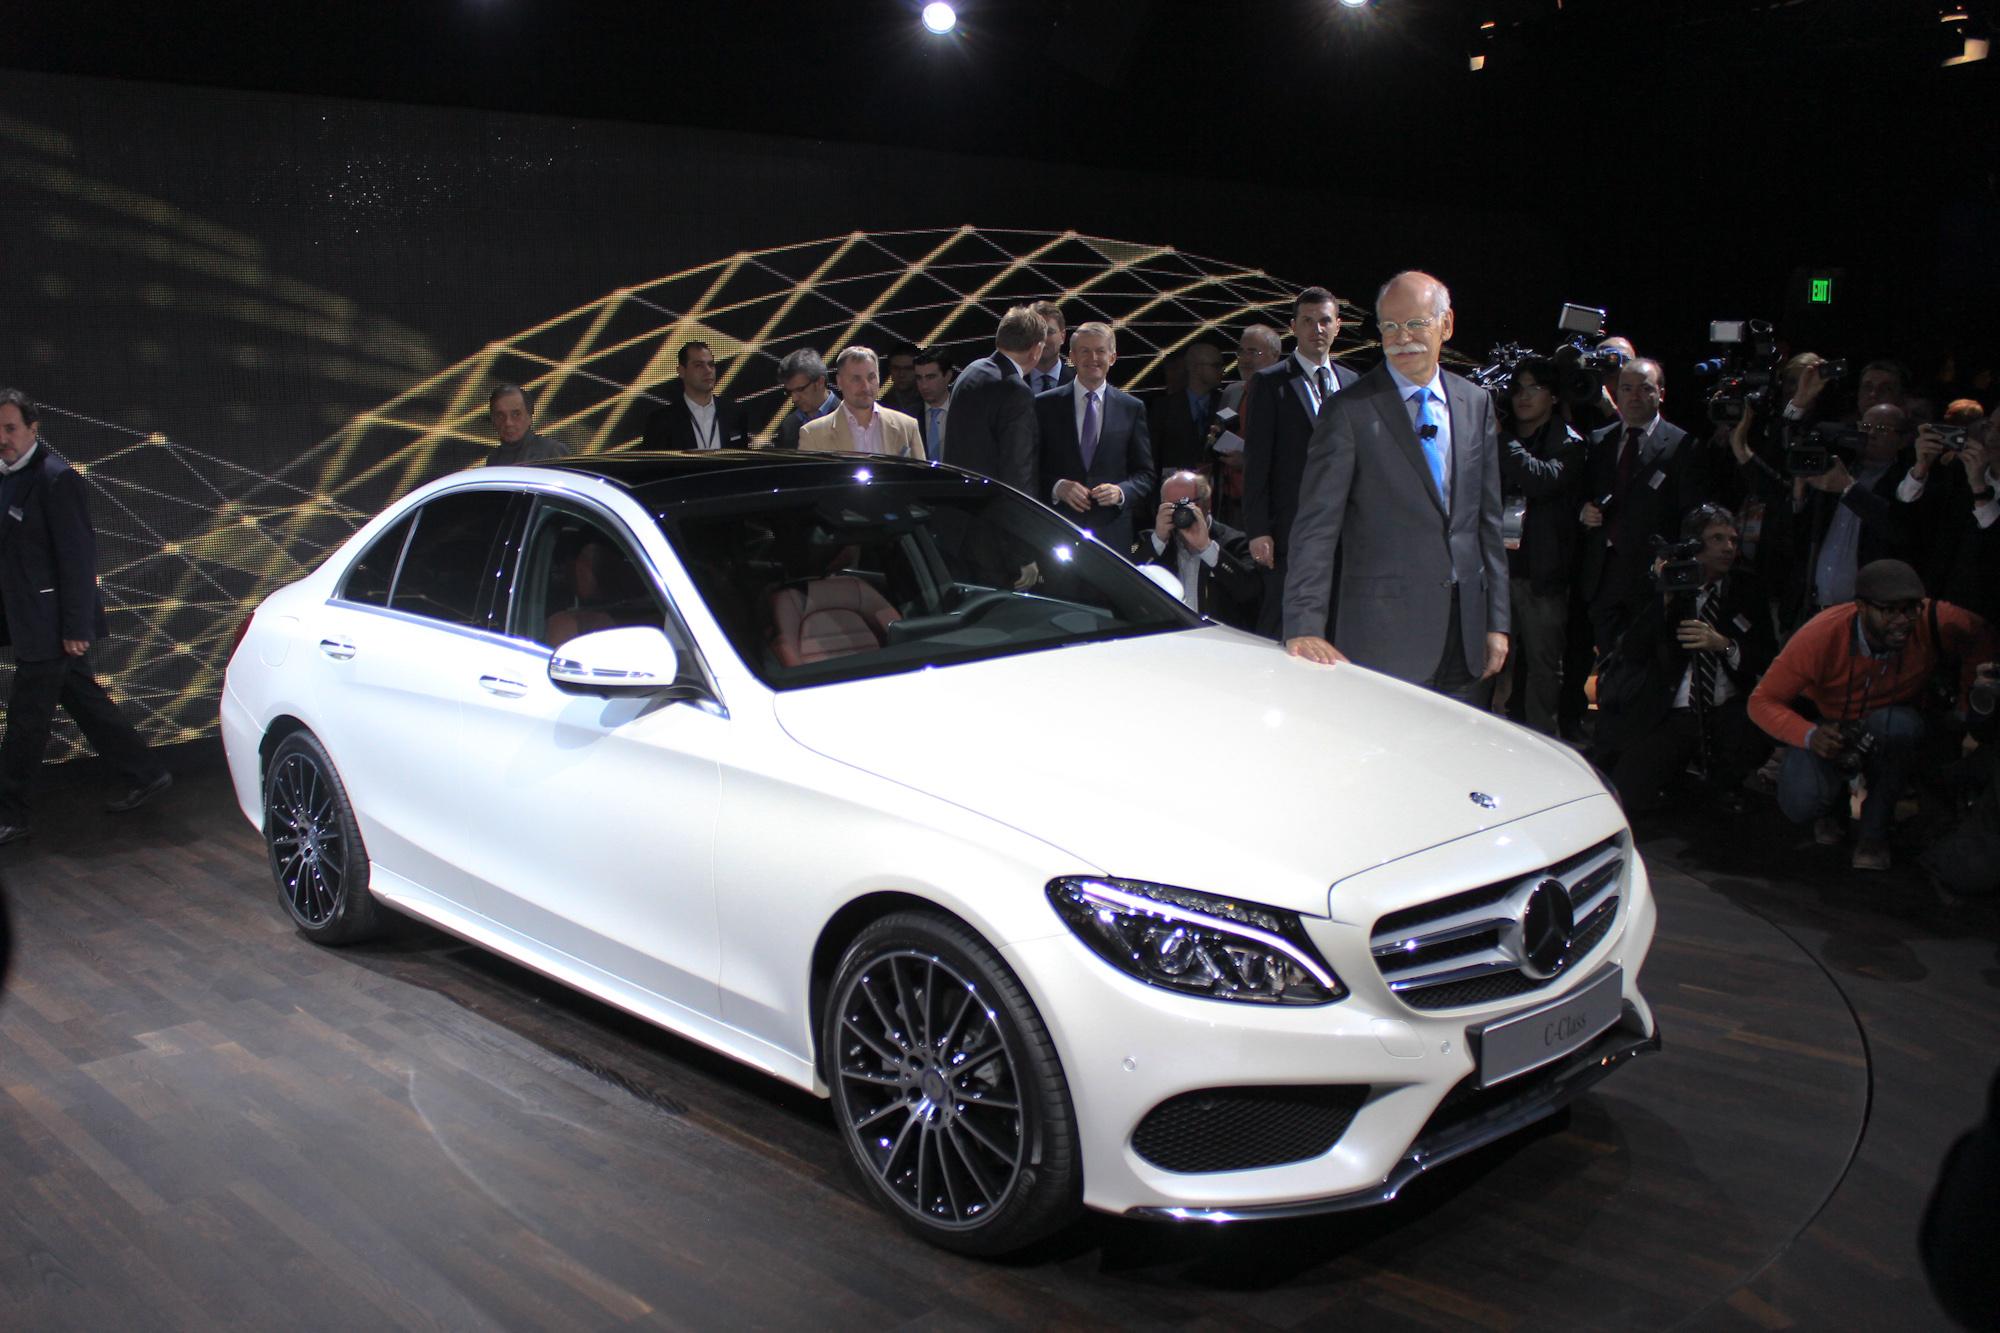 2015 Mercedes Benz C Class 2014 Detroit Auto Show Preview